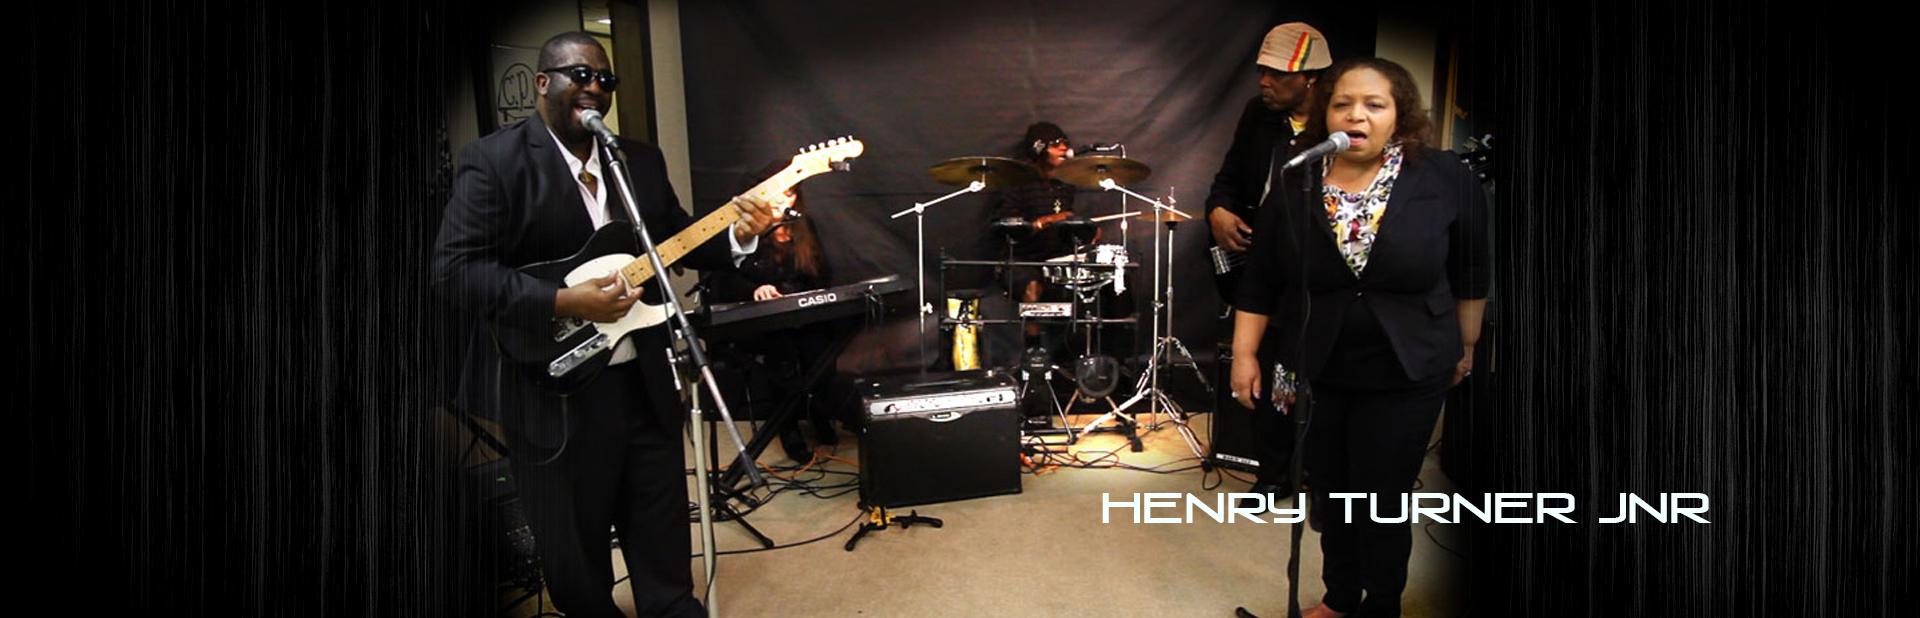 Henry-turnerjnr-2